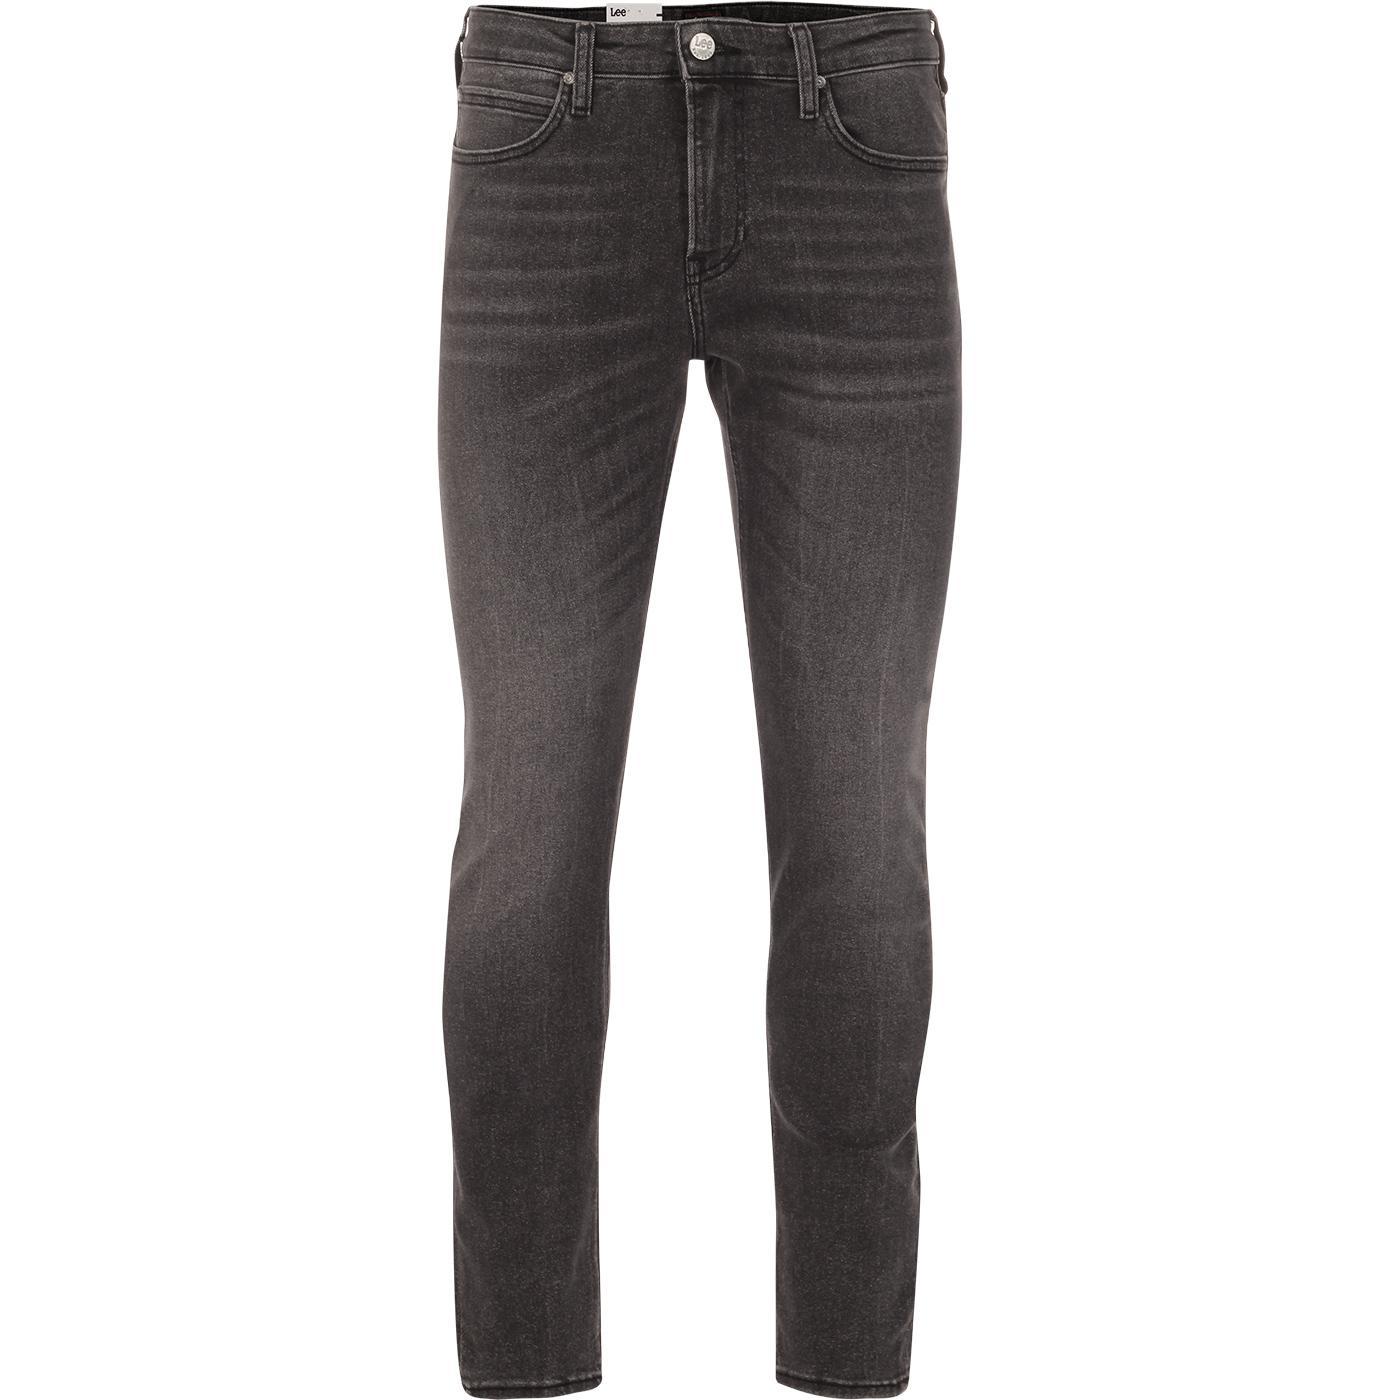 Malone LEE JEANS Mod Skinny Drainpipe Jeans (Grey)